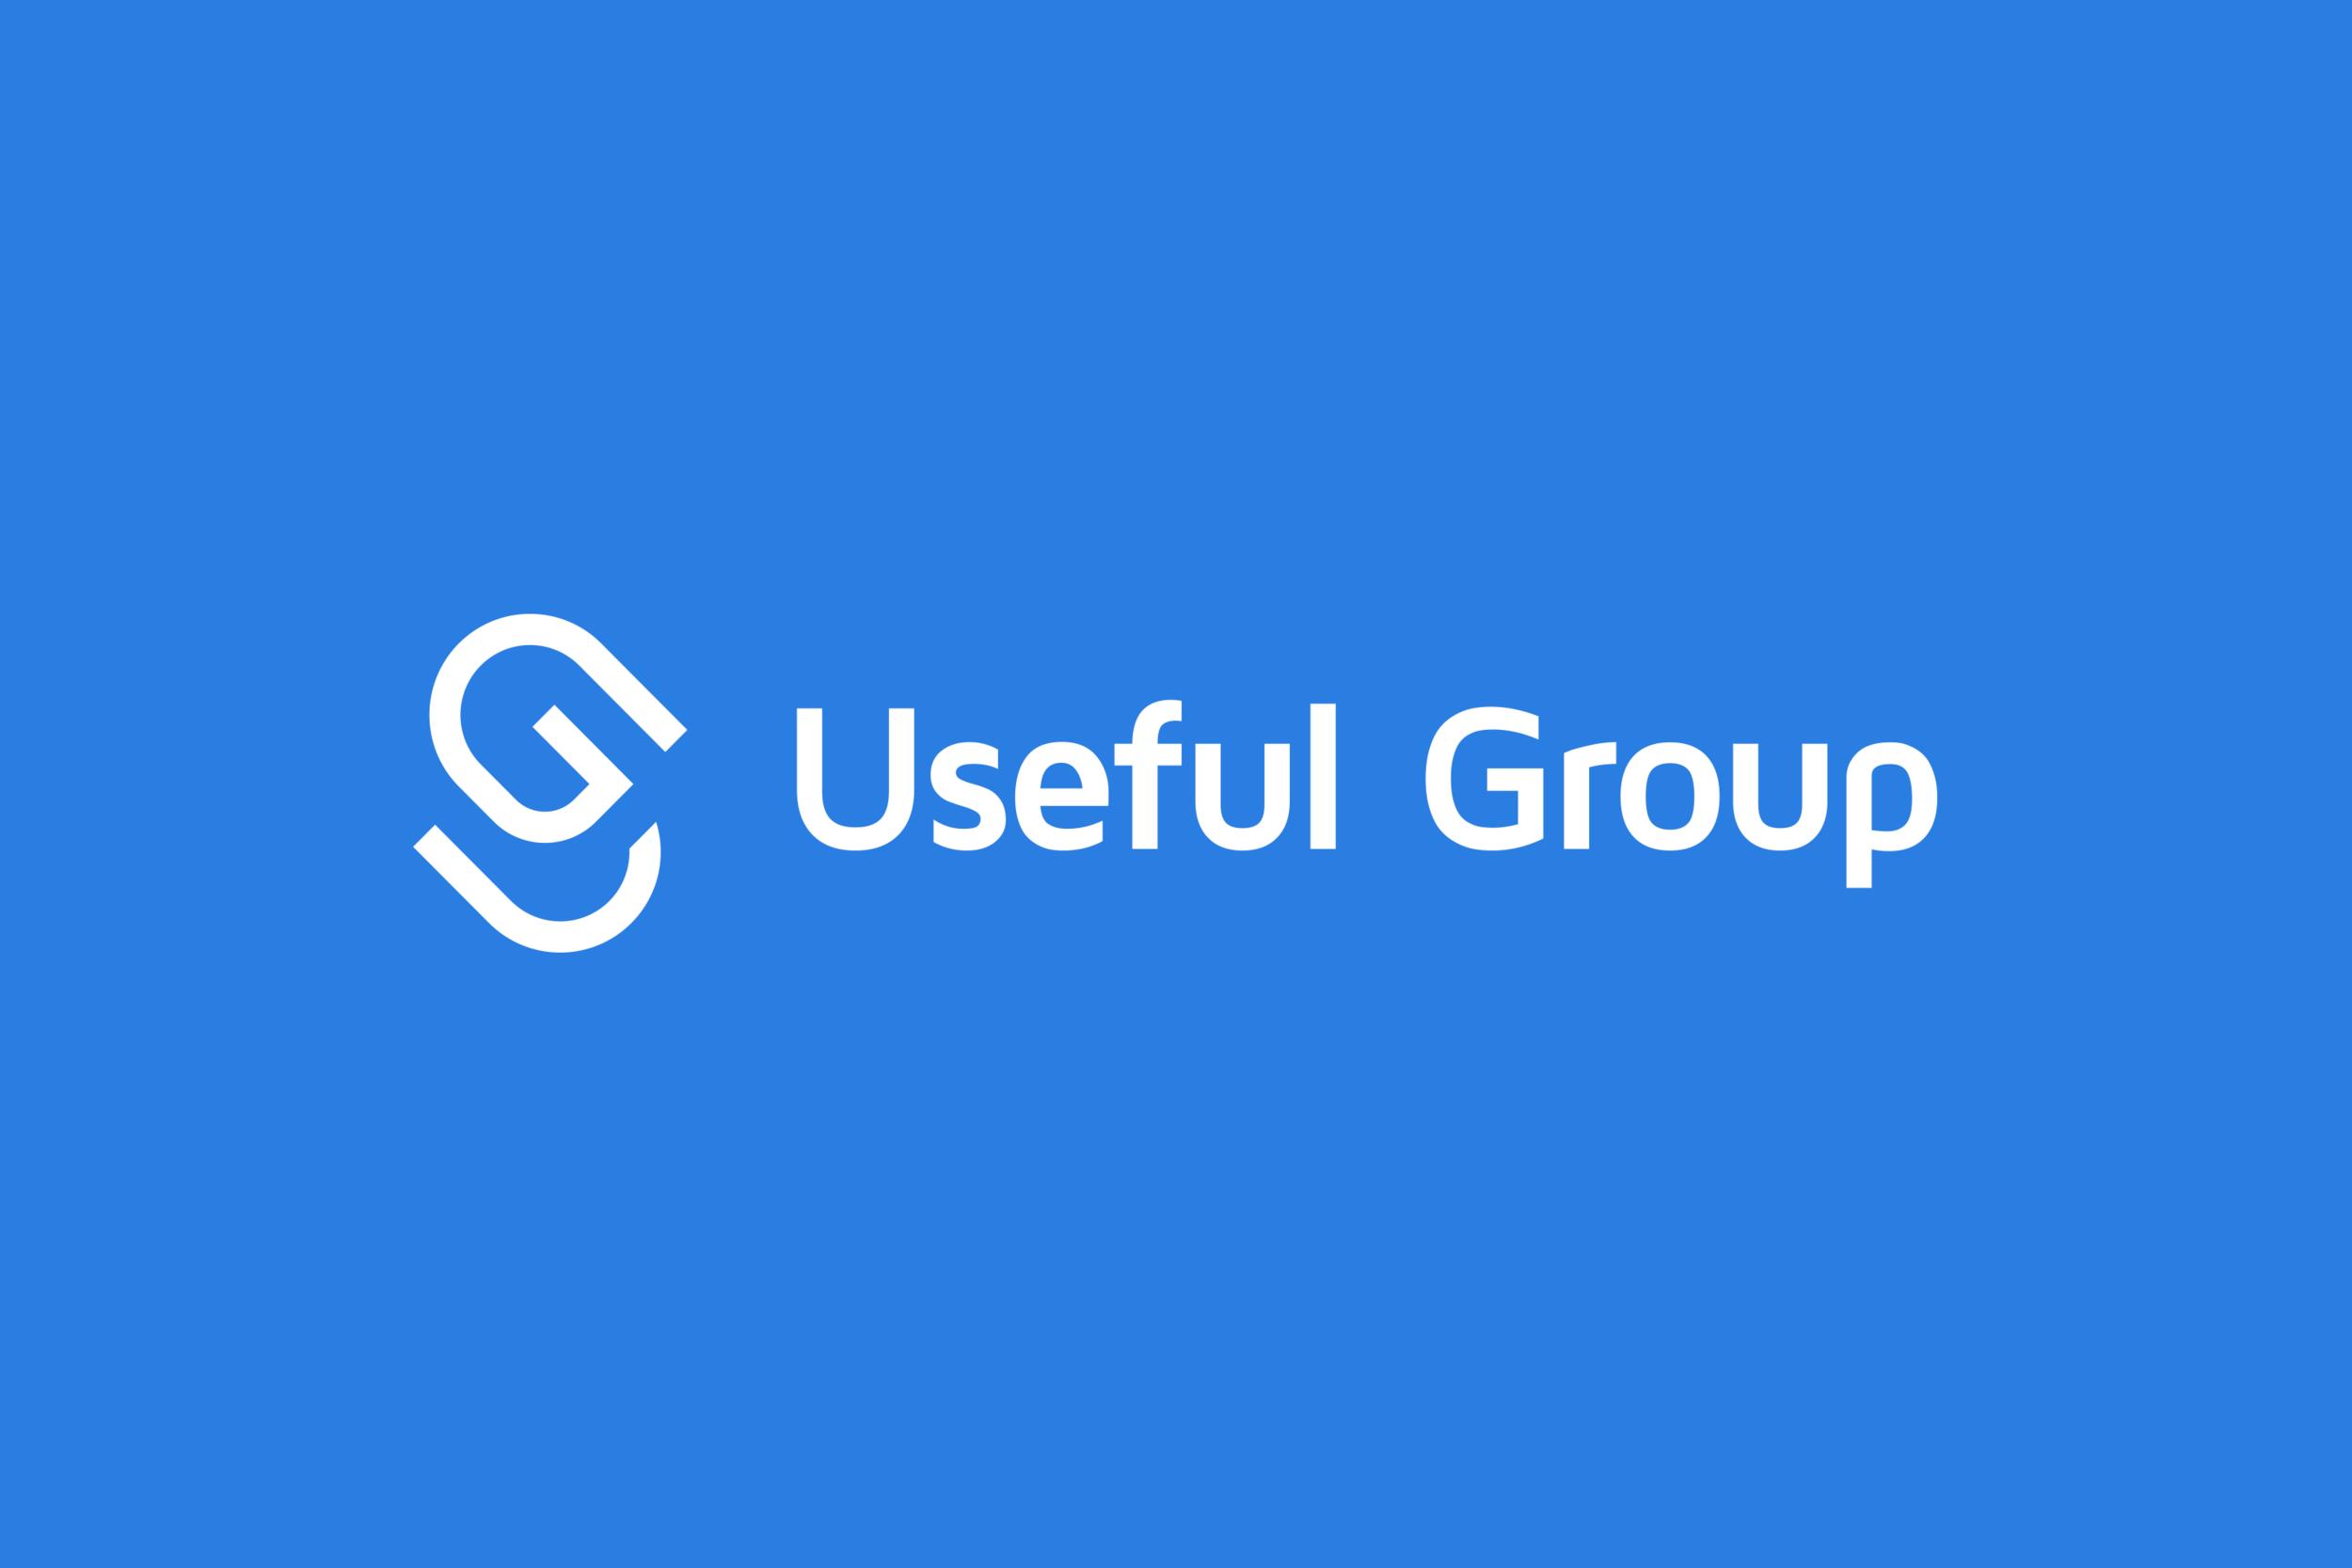 UG-logo2.png